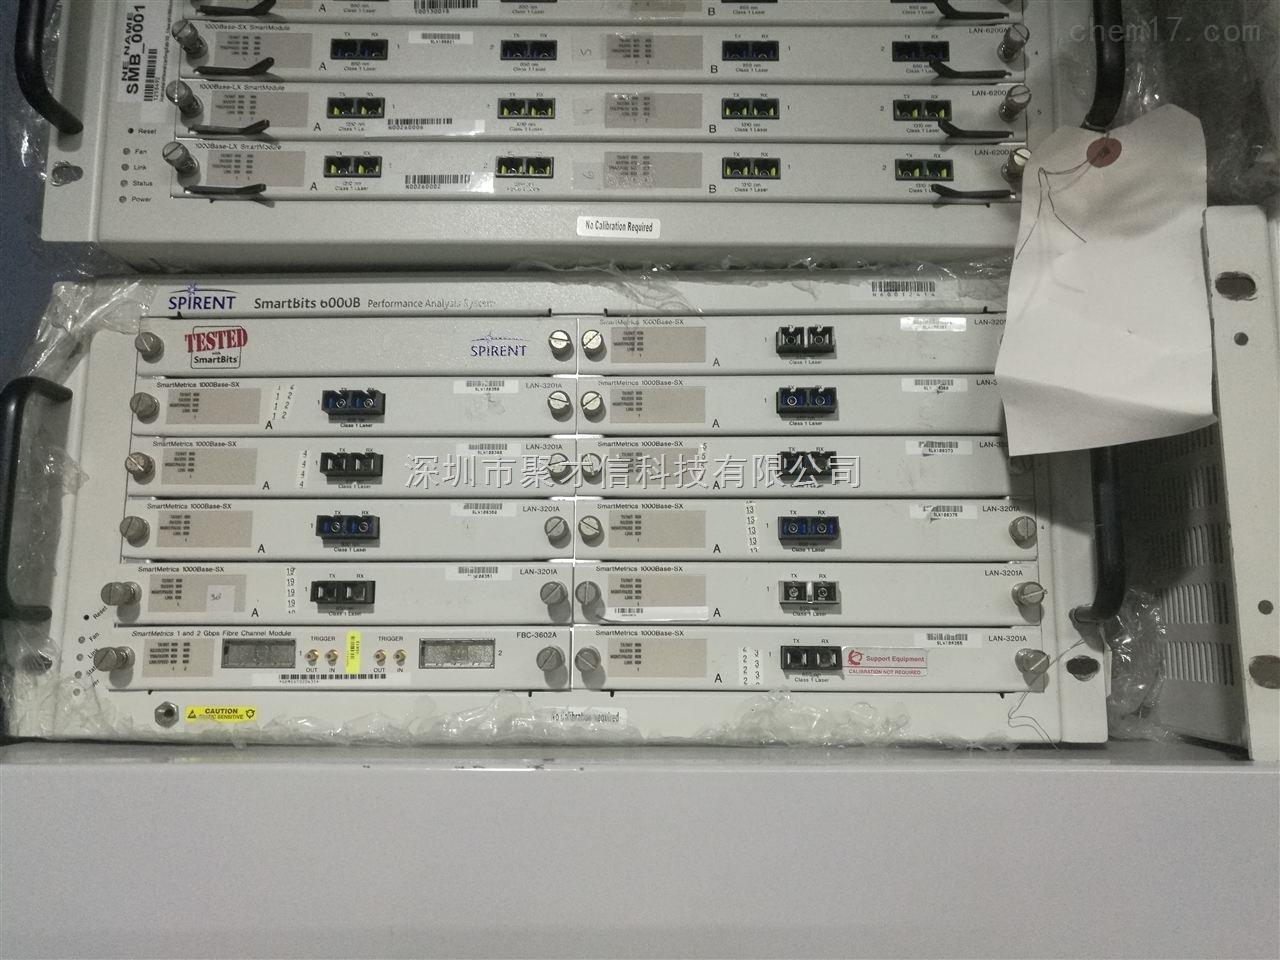 频谱分析仪 深圳市聚才信科技有限公司 射频测试仪表 矢量网络分析仪